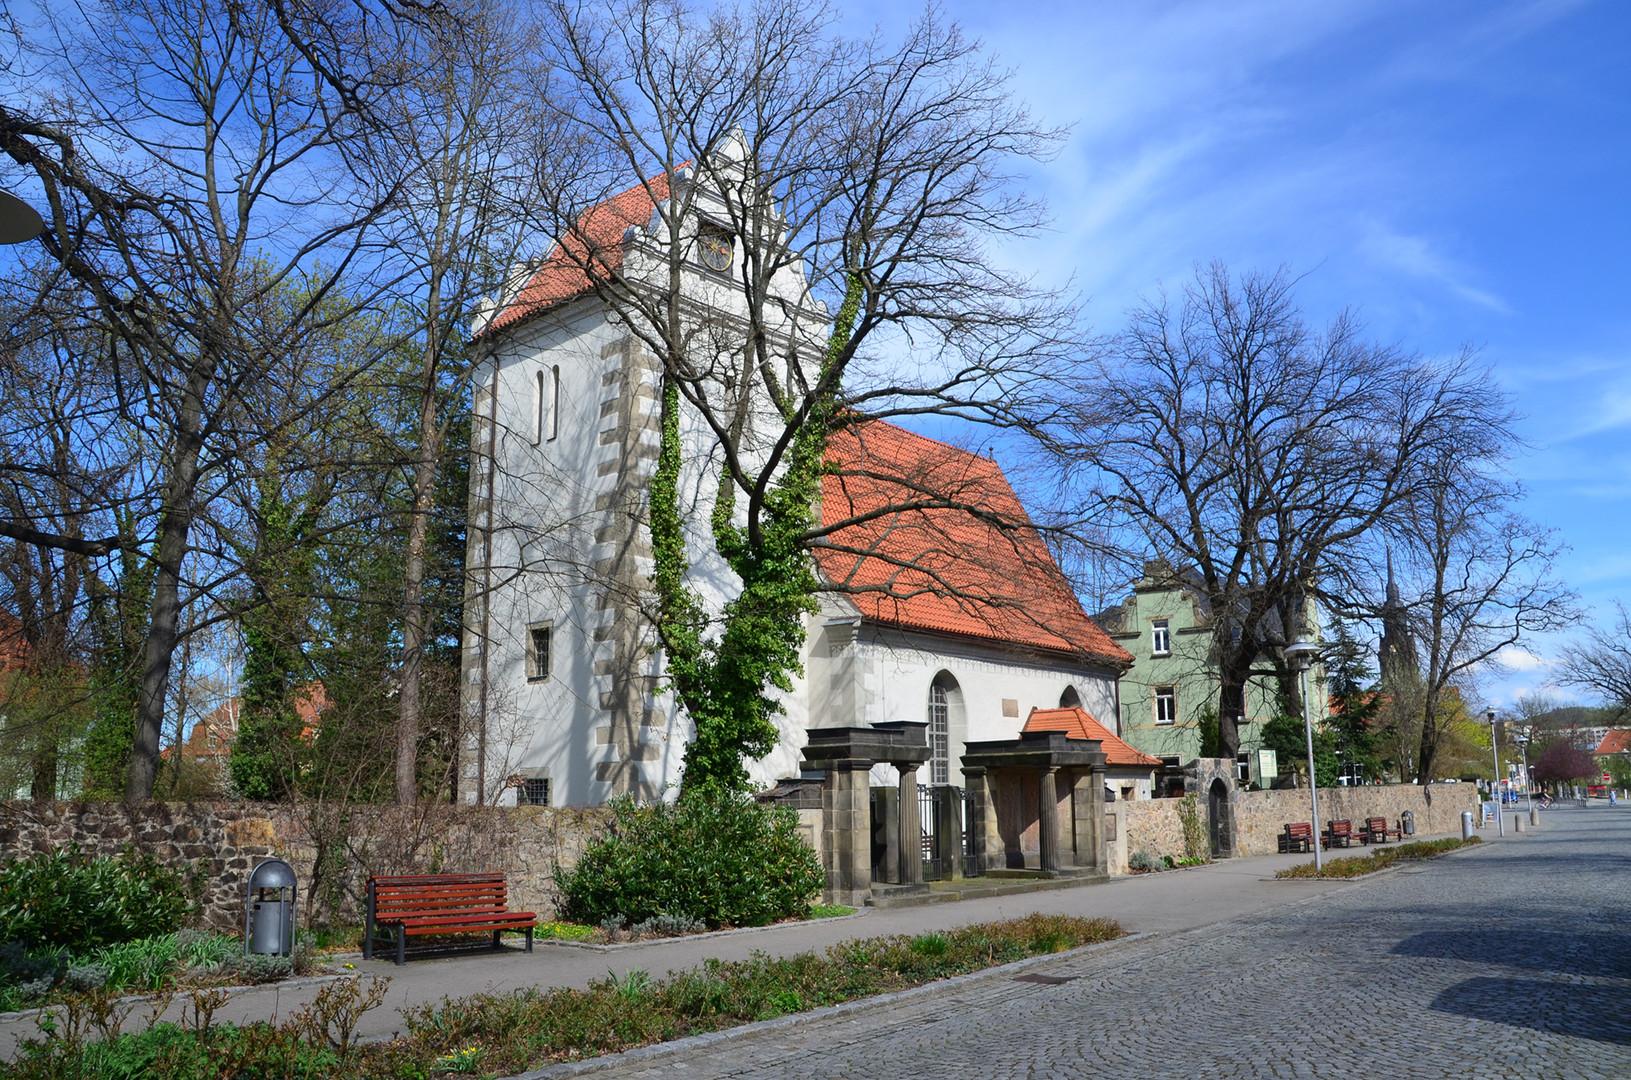 altekirchecoswig_matthiashartig_DSC_0595